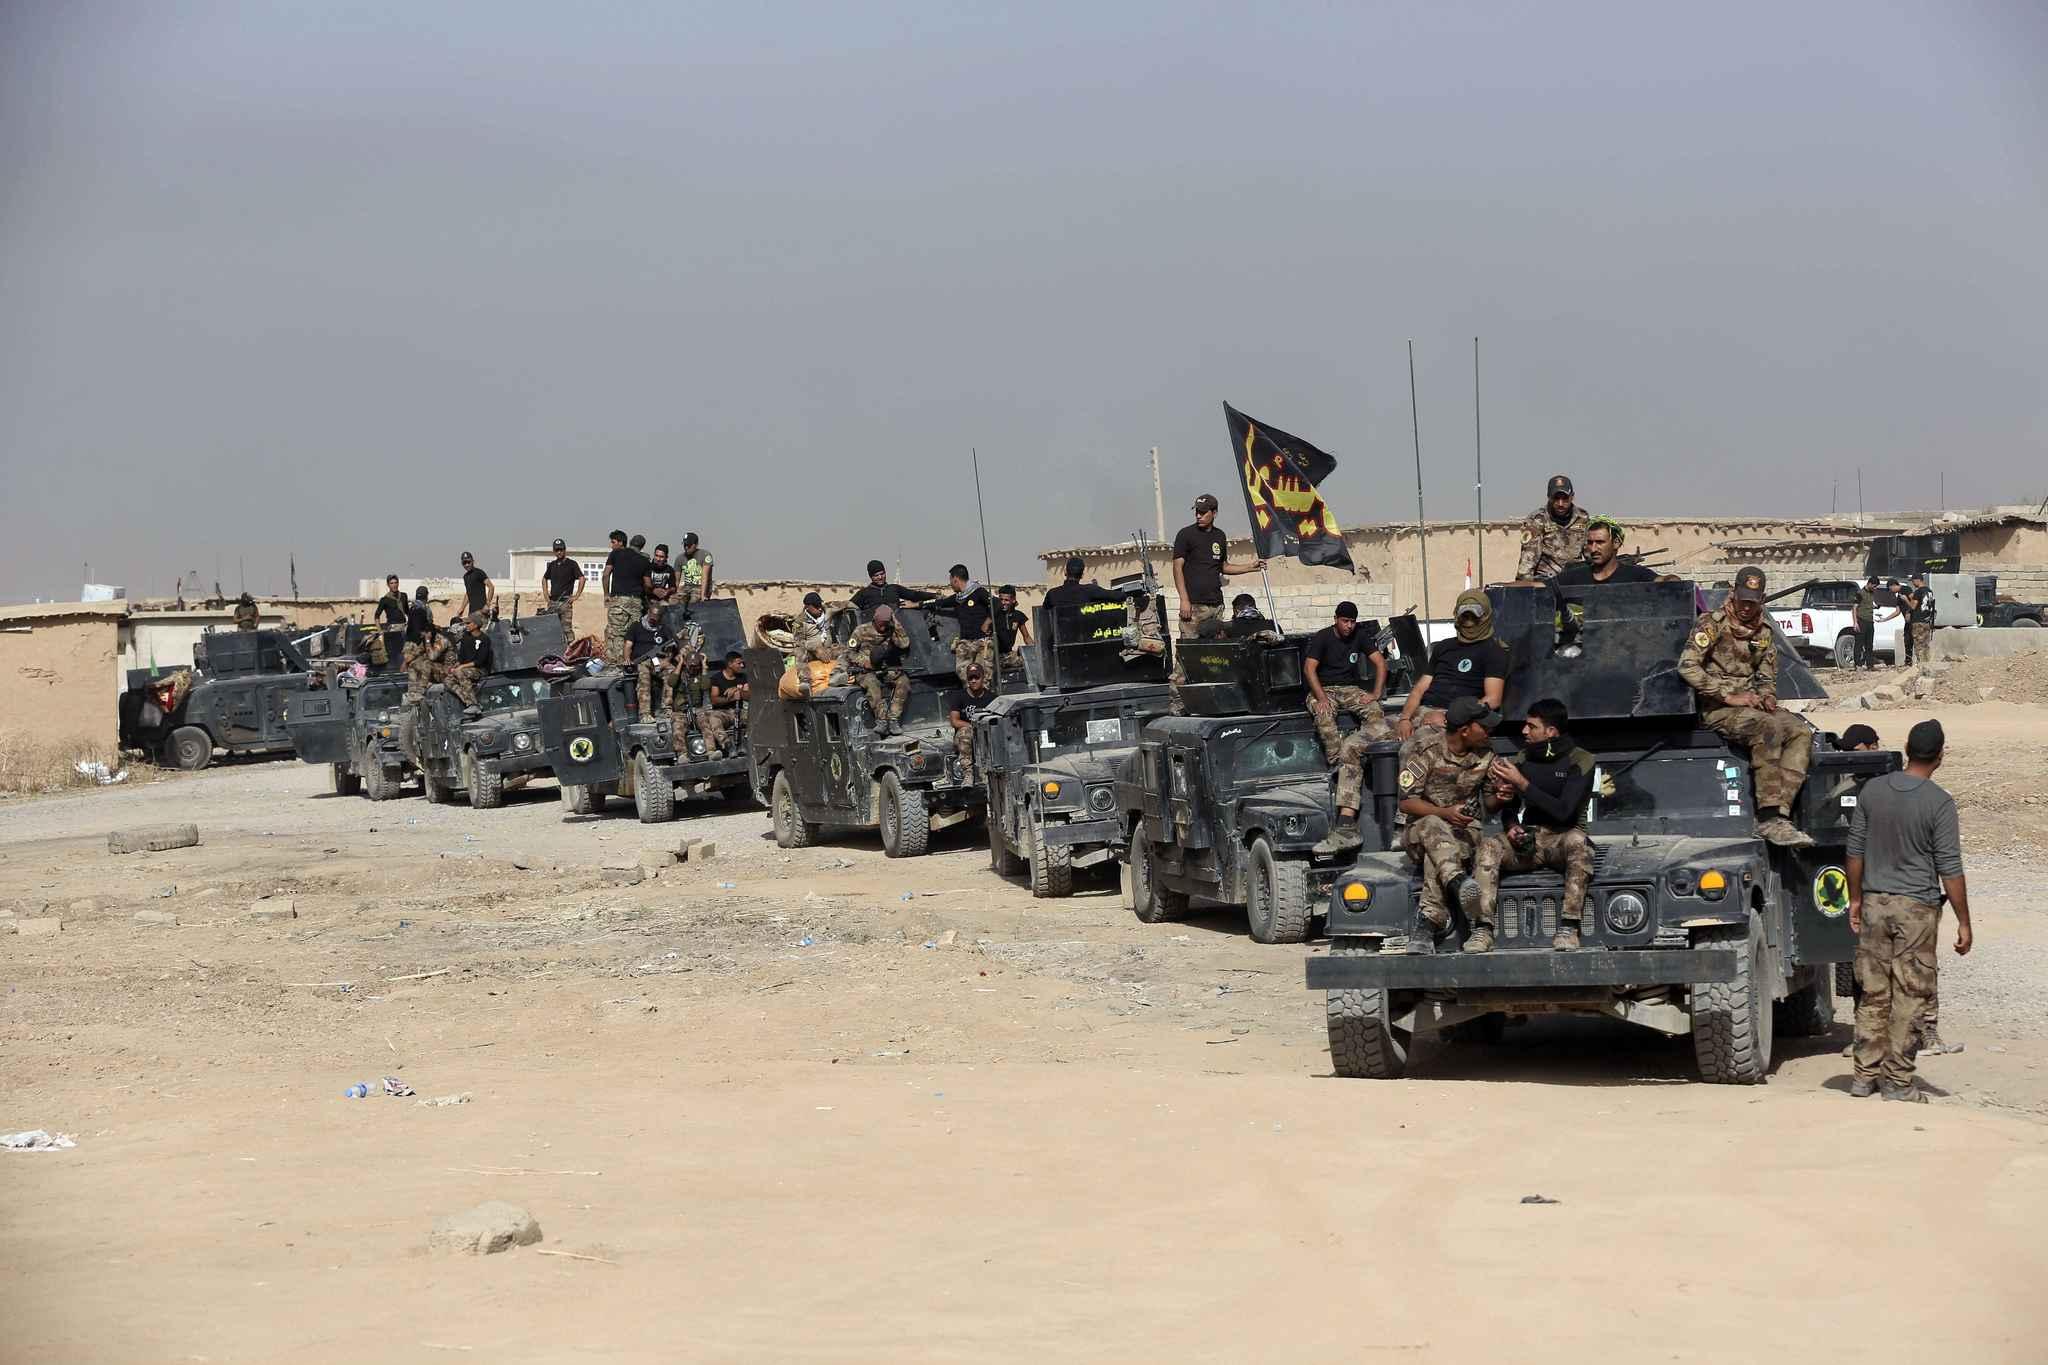 Les soldats irakiens aux portes de Mossoul